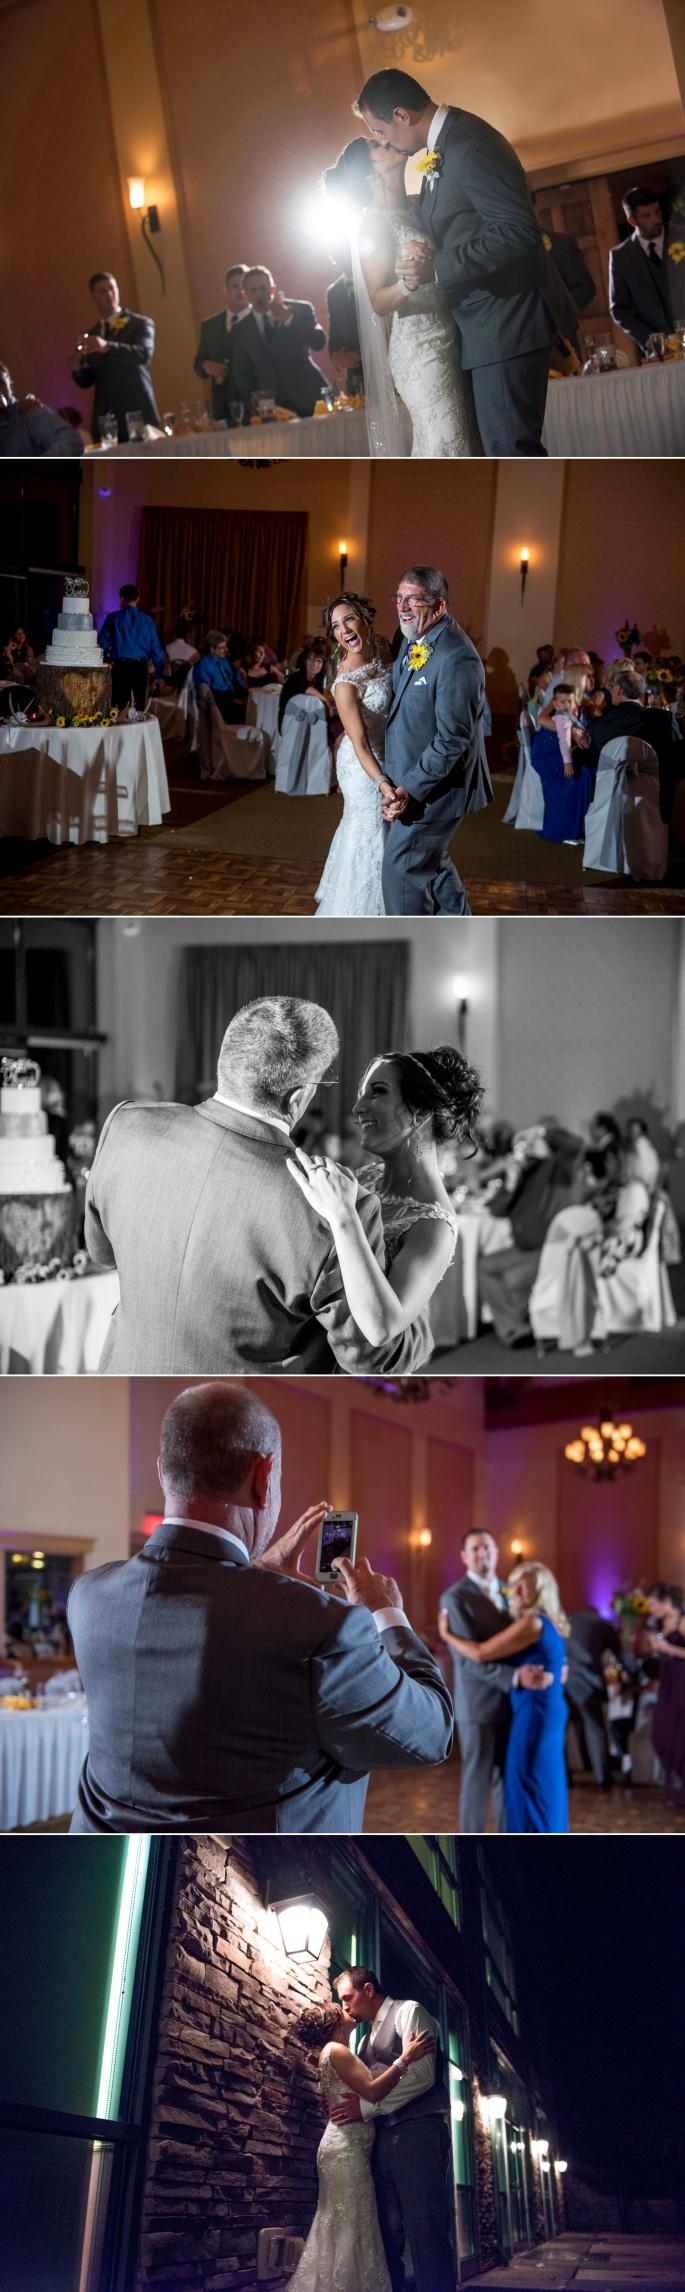 Bride and groom dancing at reception at Lake Raystown Resort